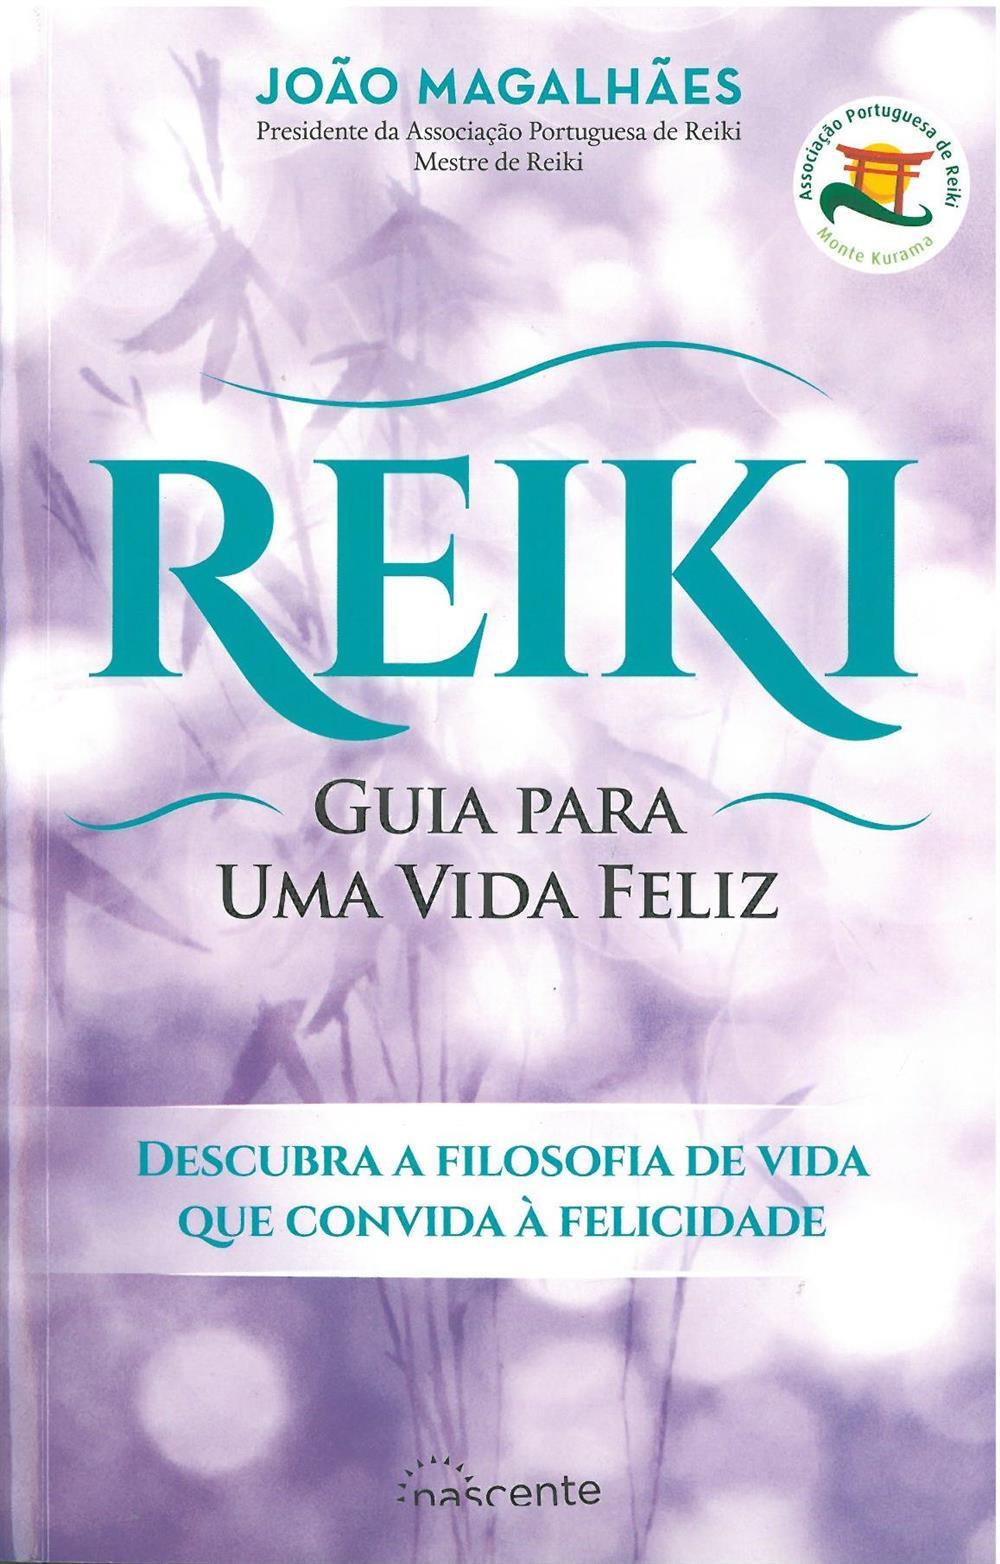 Reiki_guia para uma vida feliz_.jpg